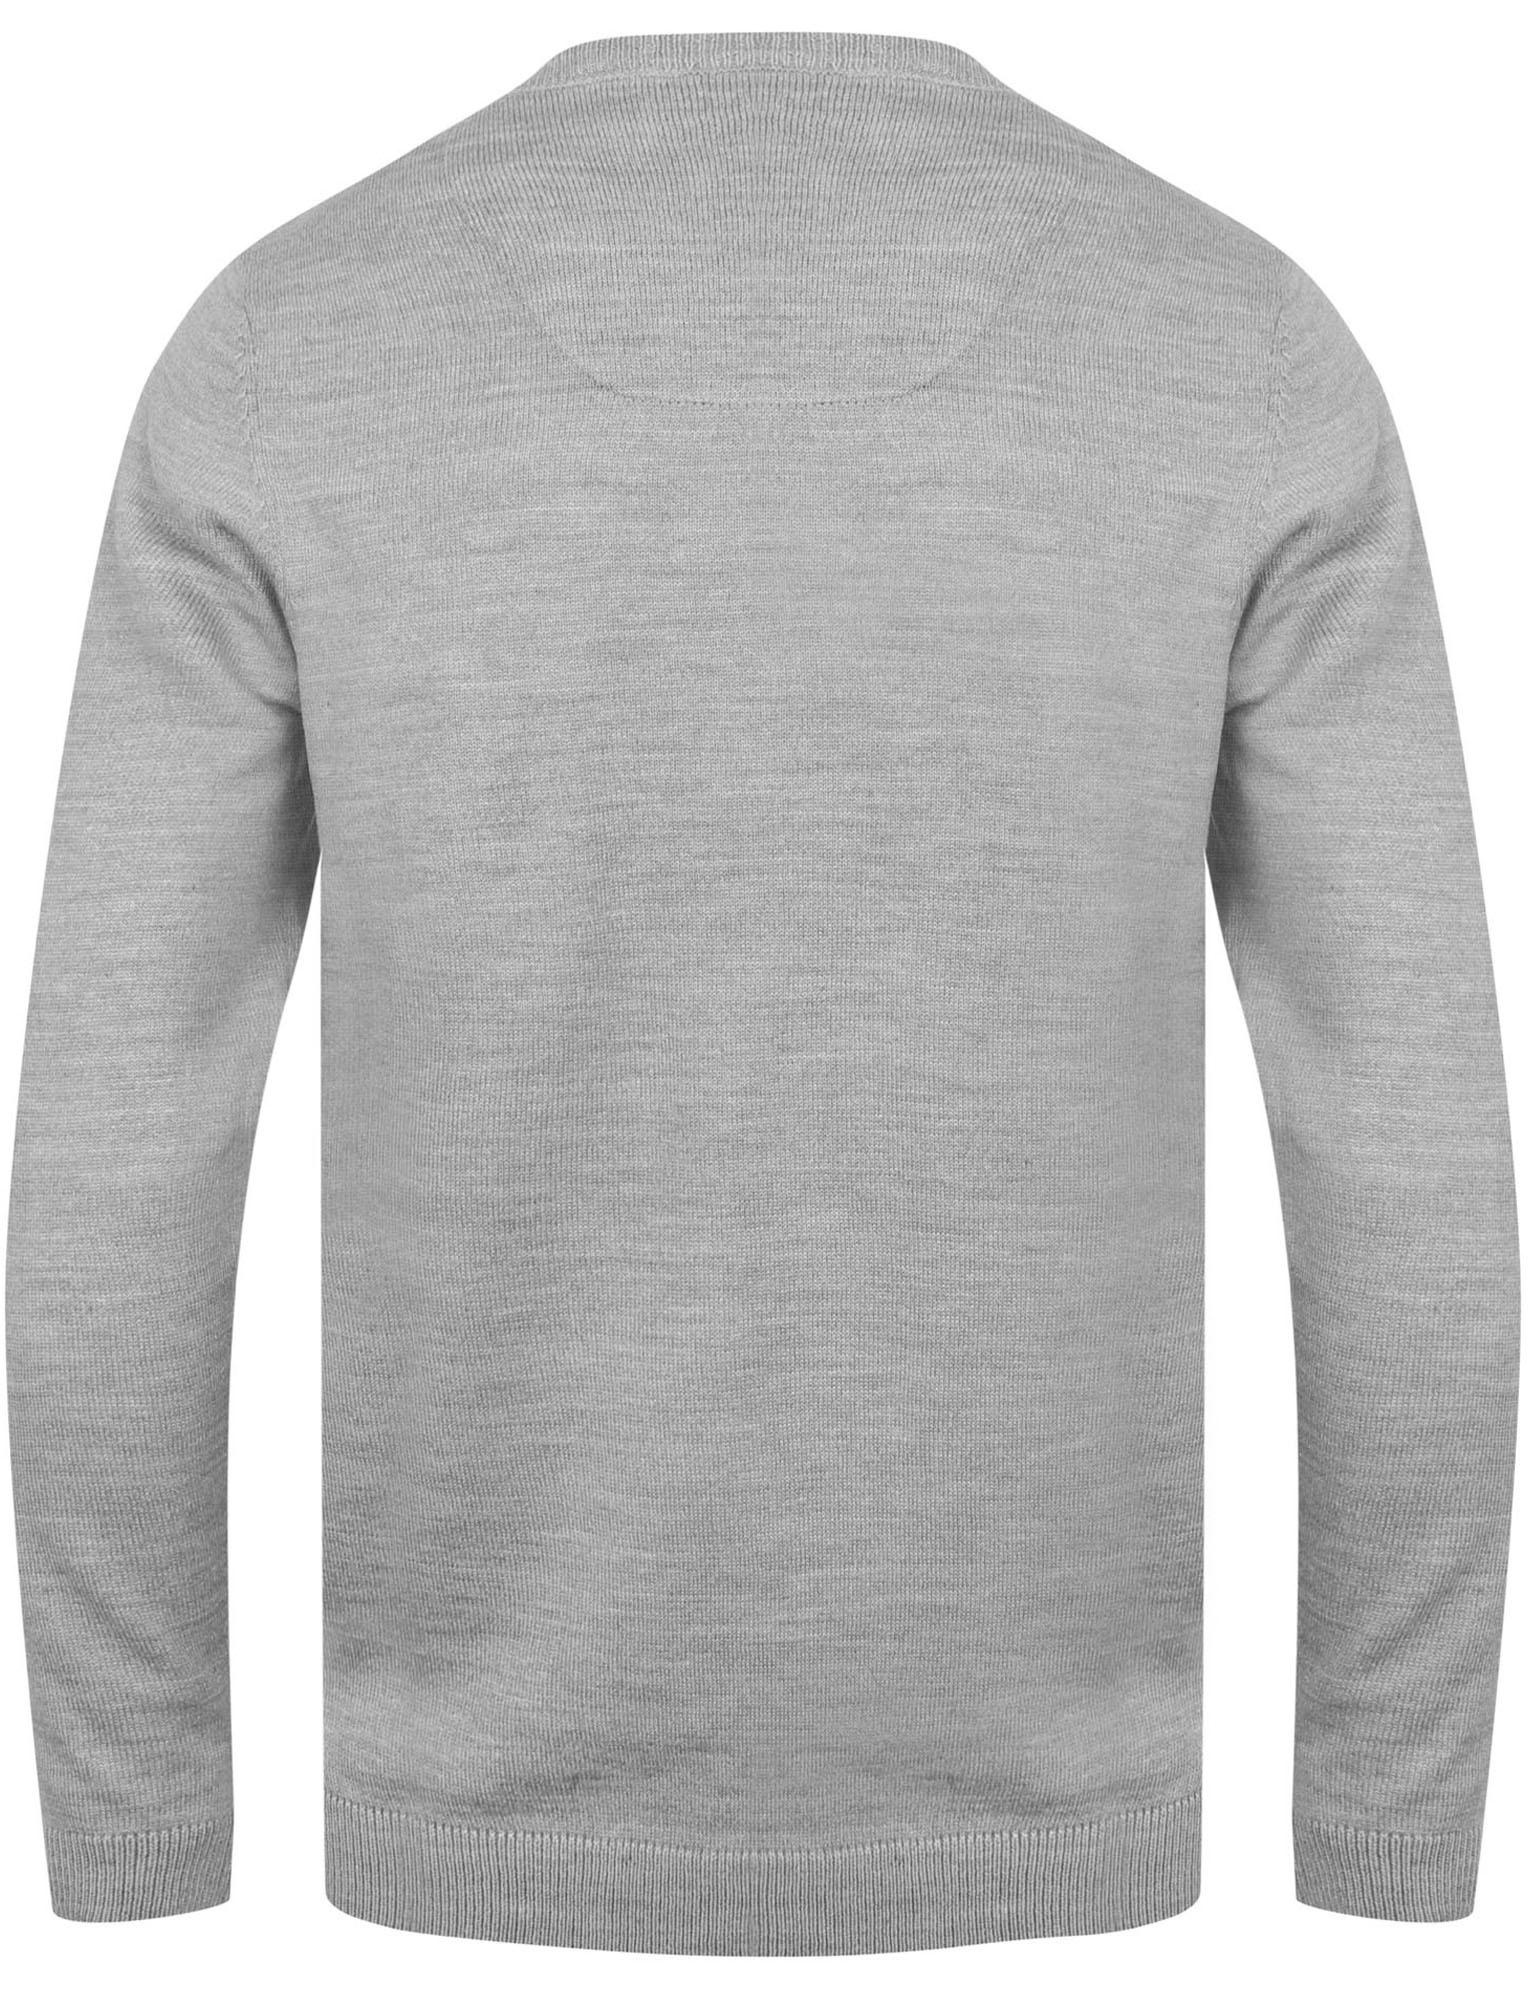 Kensington-Eastside-Men-039-s-Knitted-Crew-or-V-Neck-Jumper-Sweater-Top-Pullover thumbnail 35